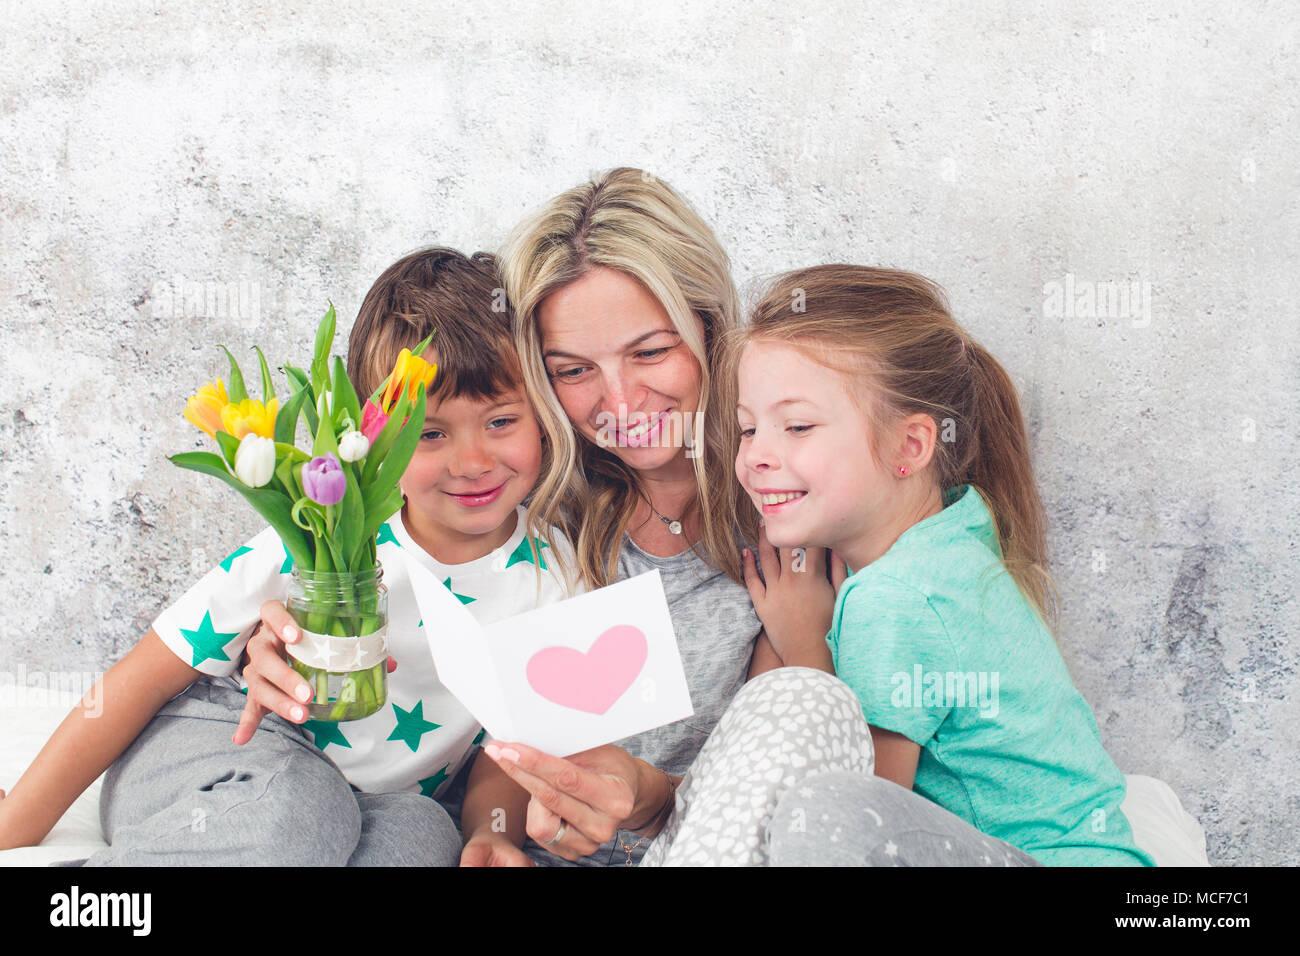 Glückliche Familie - Kinder gratulieren am Muttertag Stockbild